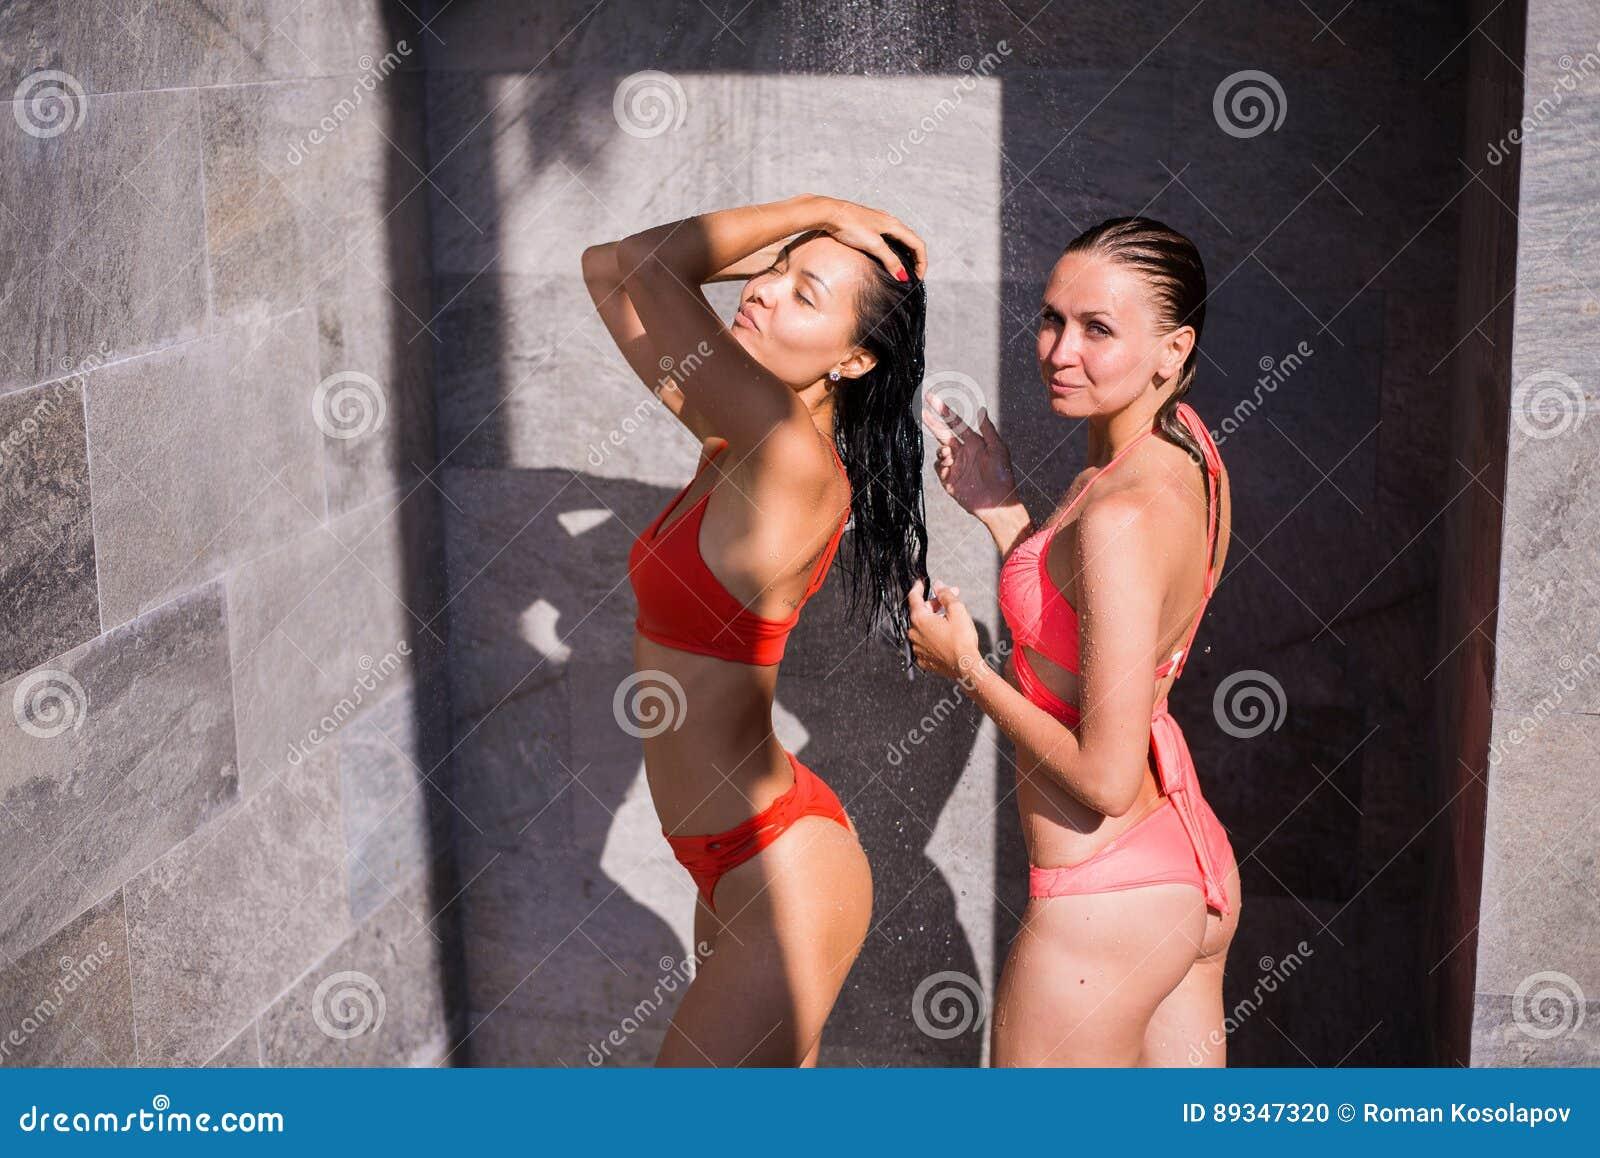 Mädchen in den Duschen Schwalbe Porno-Röhre